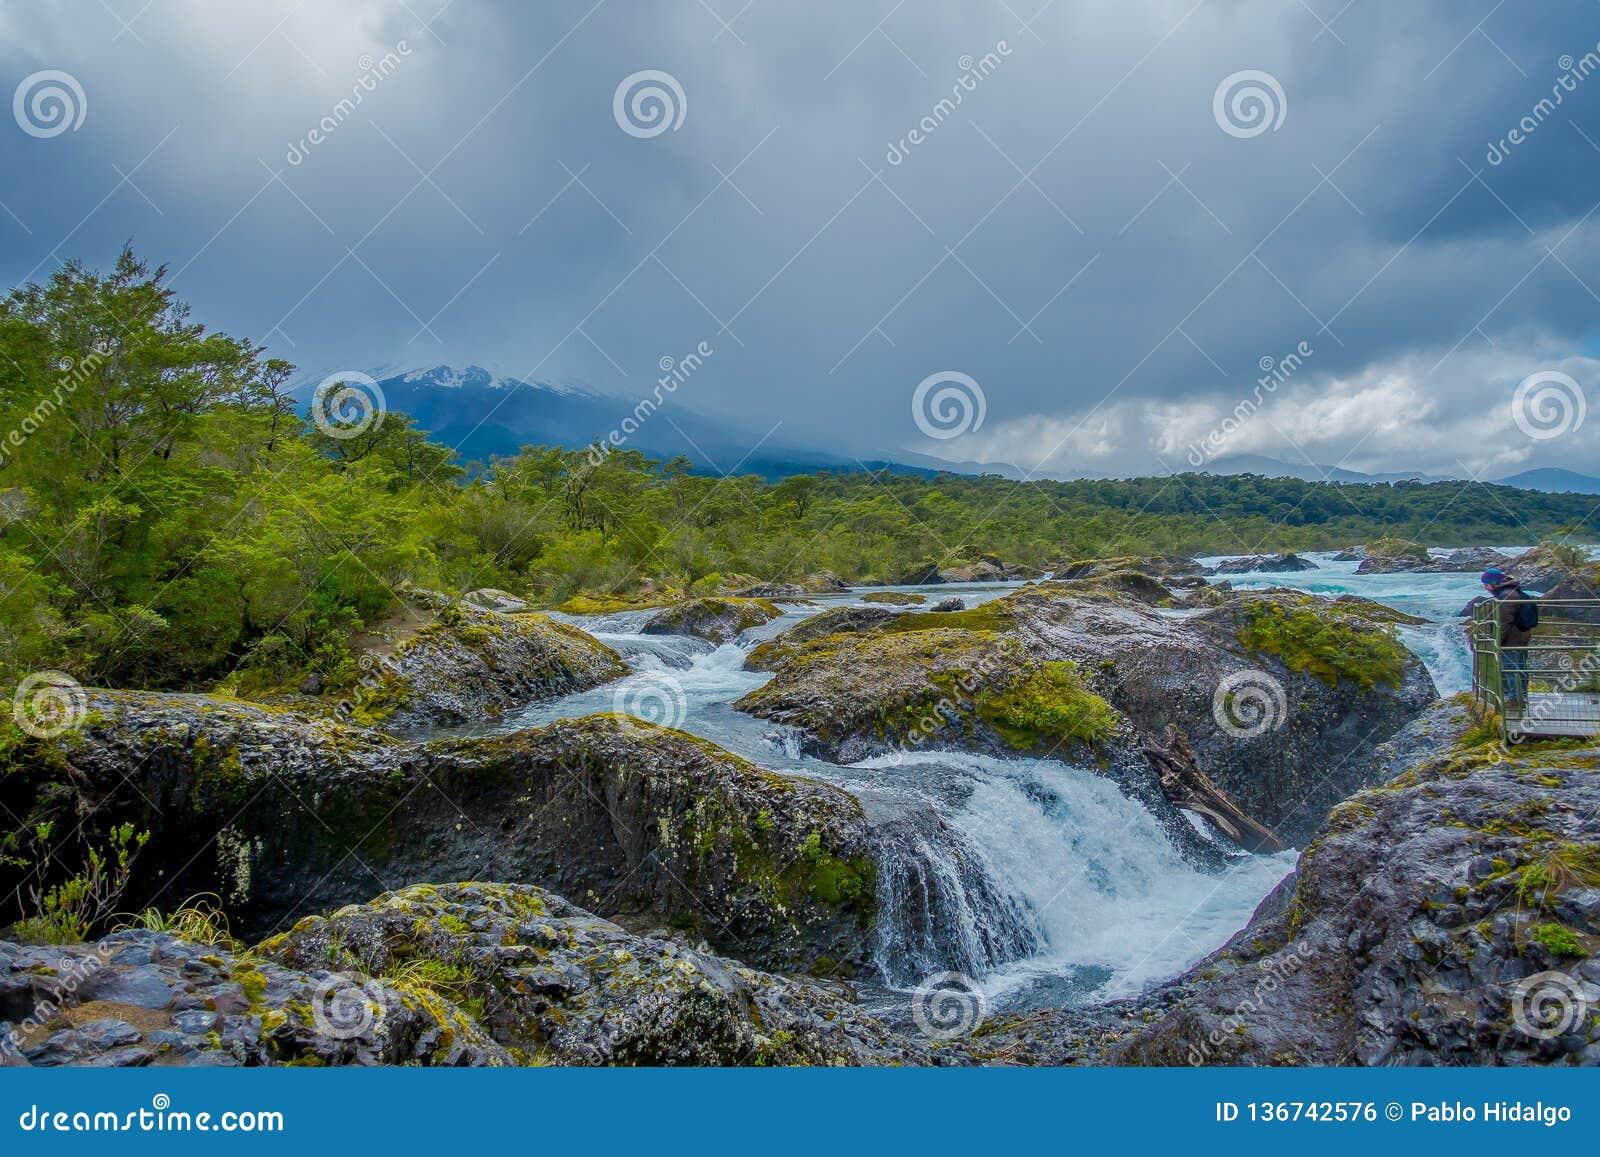 PUERTO VARAS, CHILE, SEPTEMBER, 23, 2018: Saltos de Petrohue Wasserfälle im Süden von Chile, gebildet durch vulkanisches